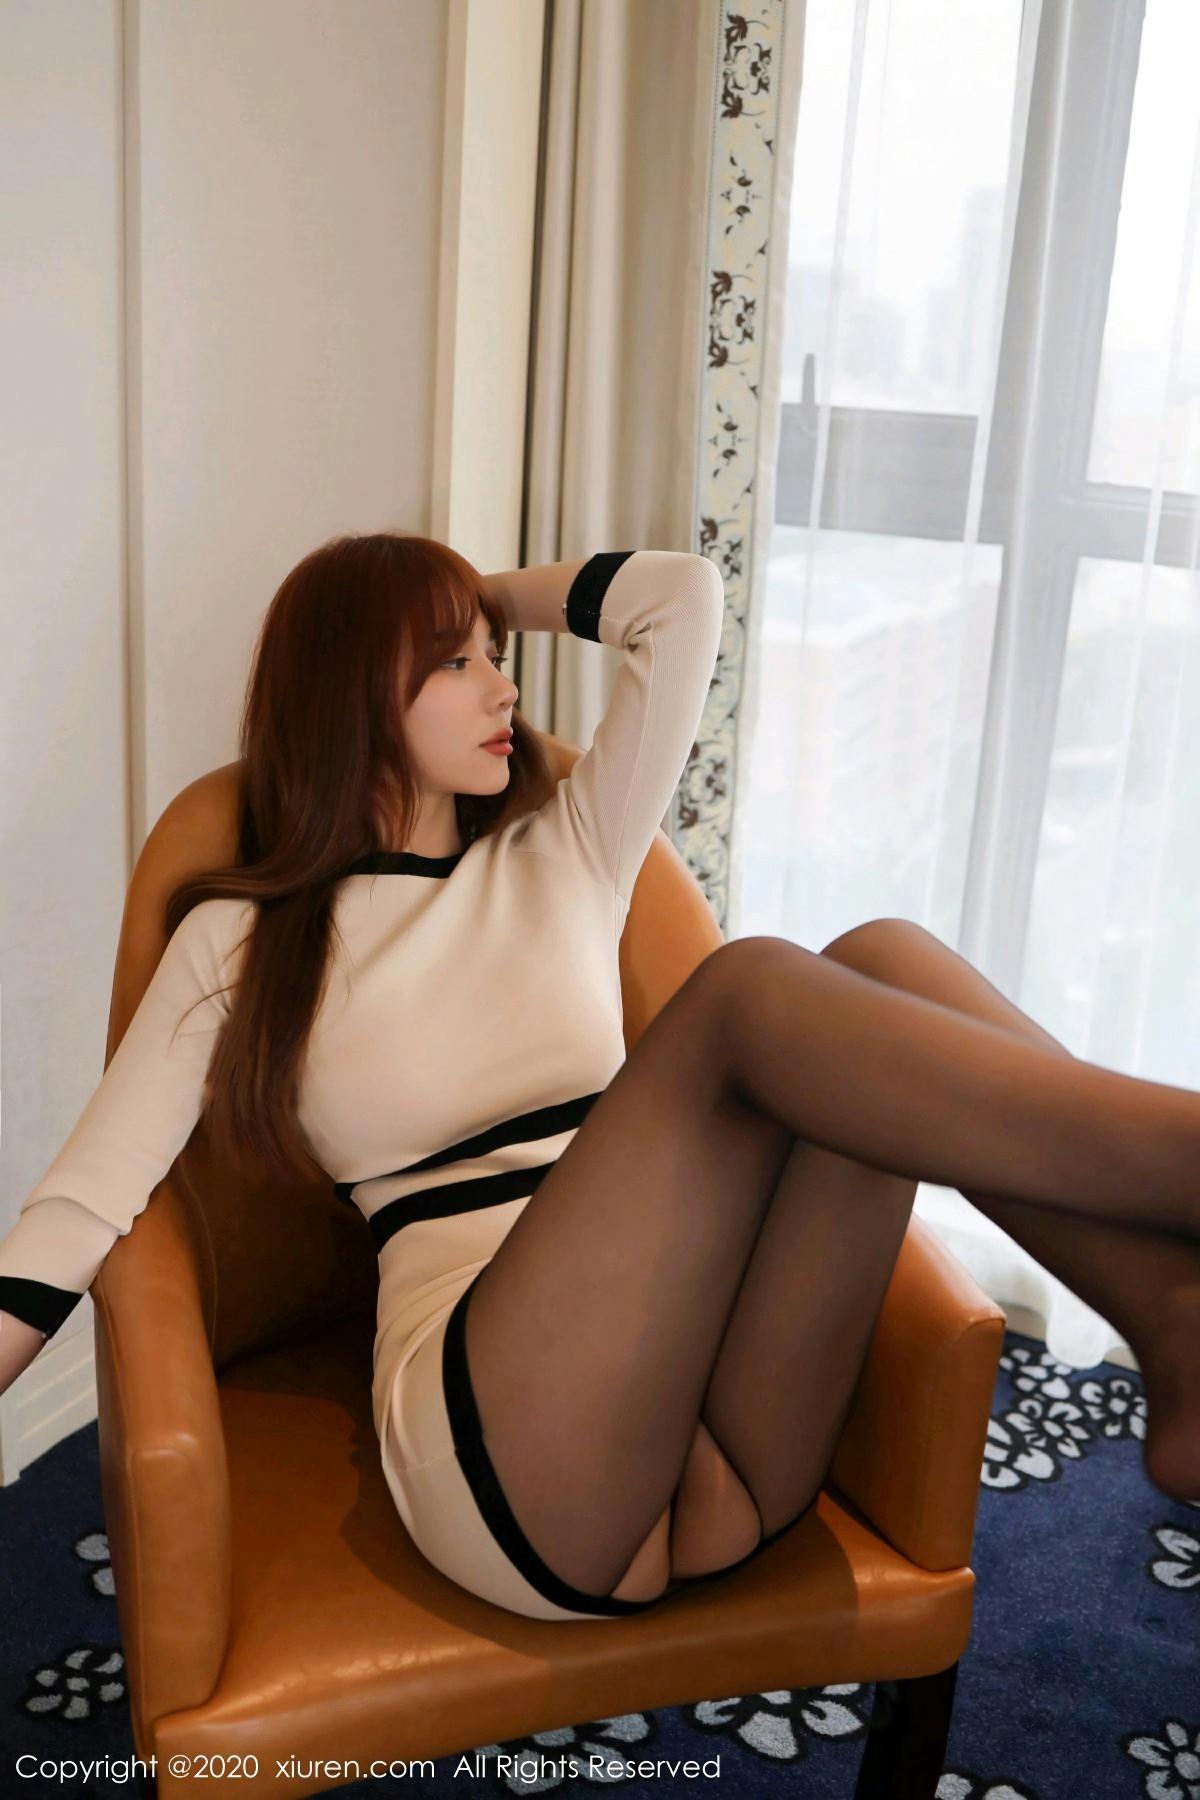 [XiuRen秀人网] 2020.10.28 No.2707 fairy如歌 第3张